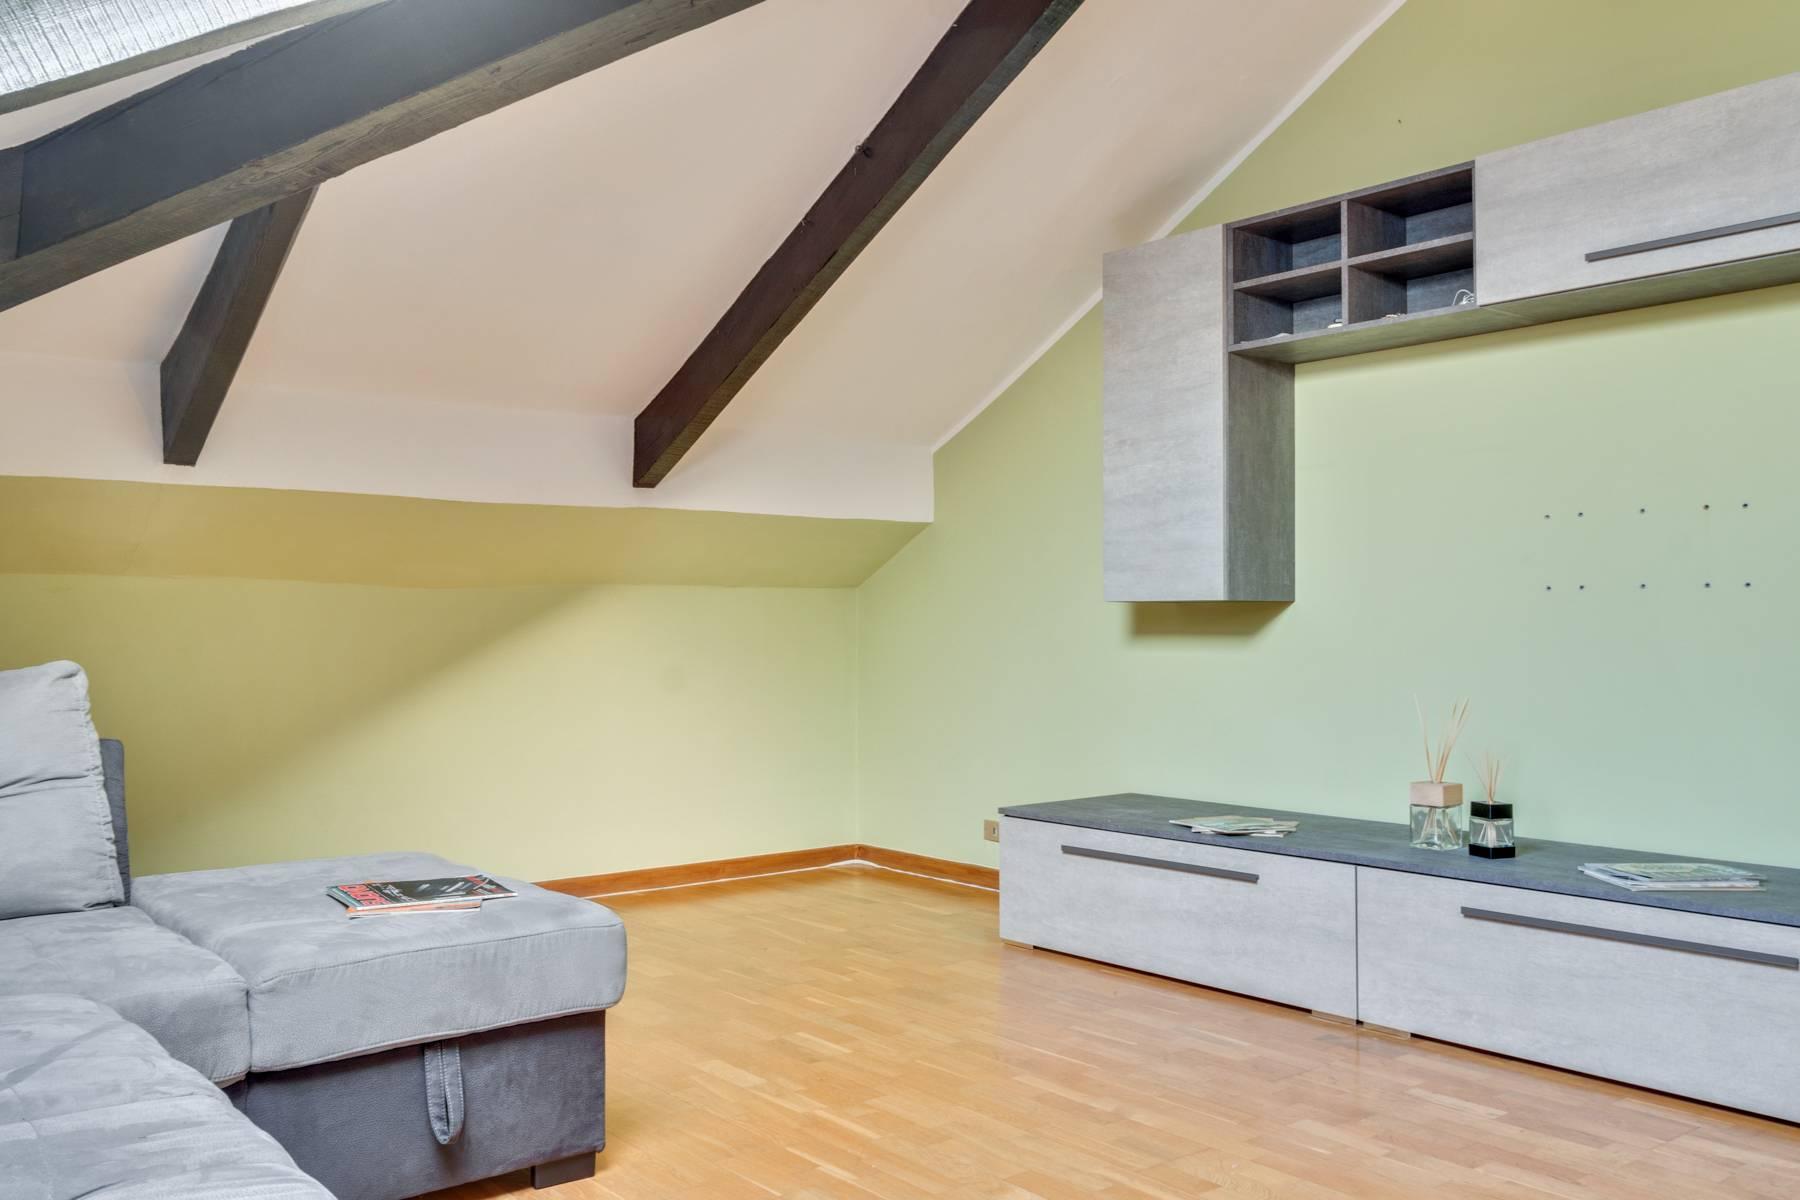 Appartamento in Vendita a Torino: 3 locali, 100 mq - Foto 2